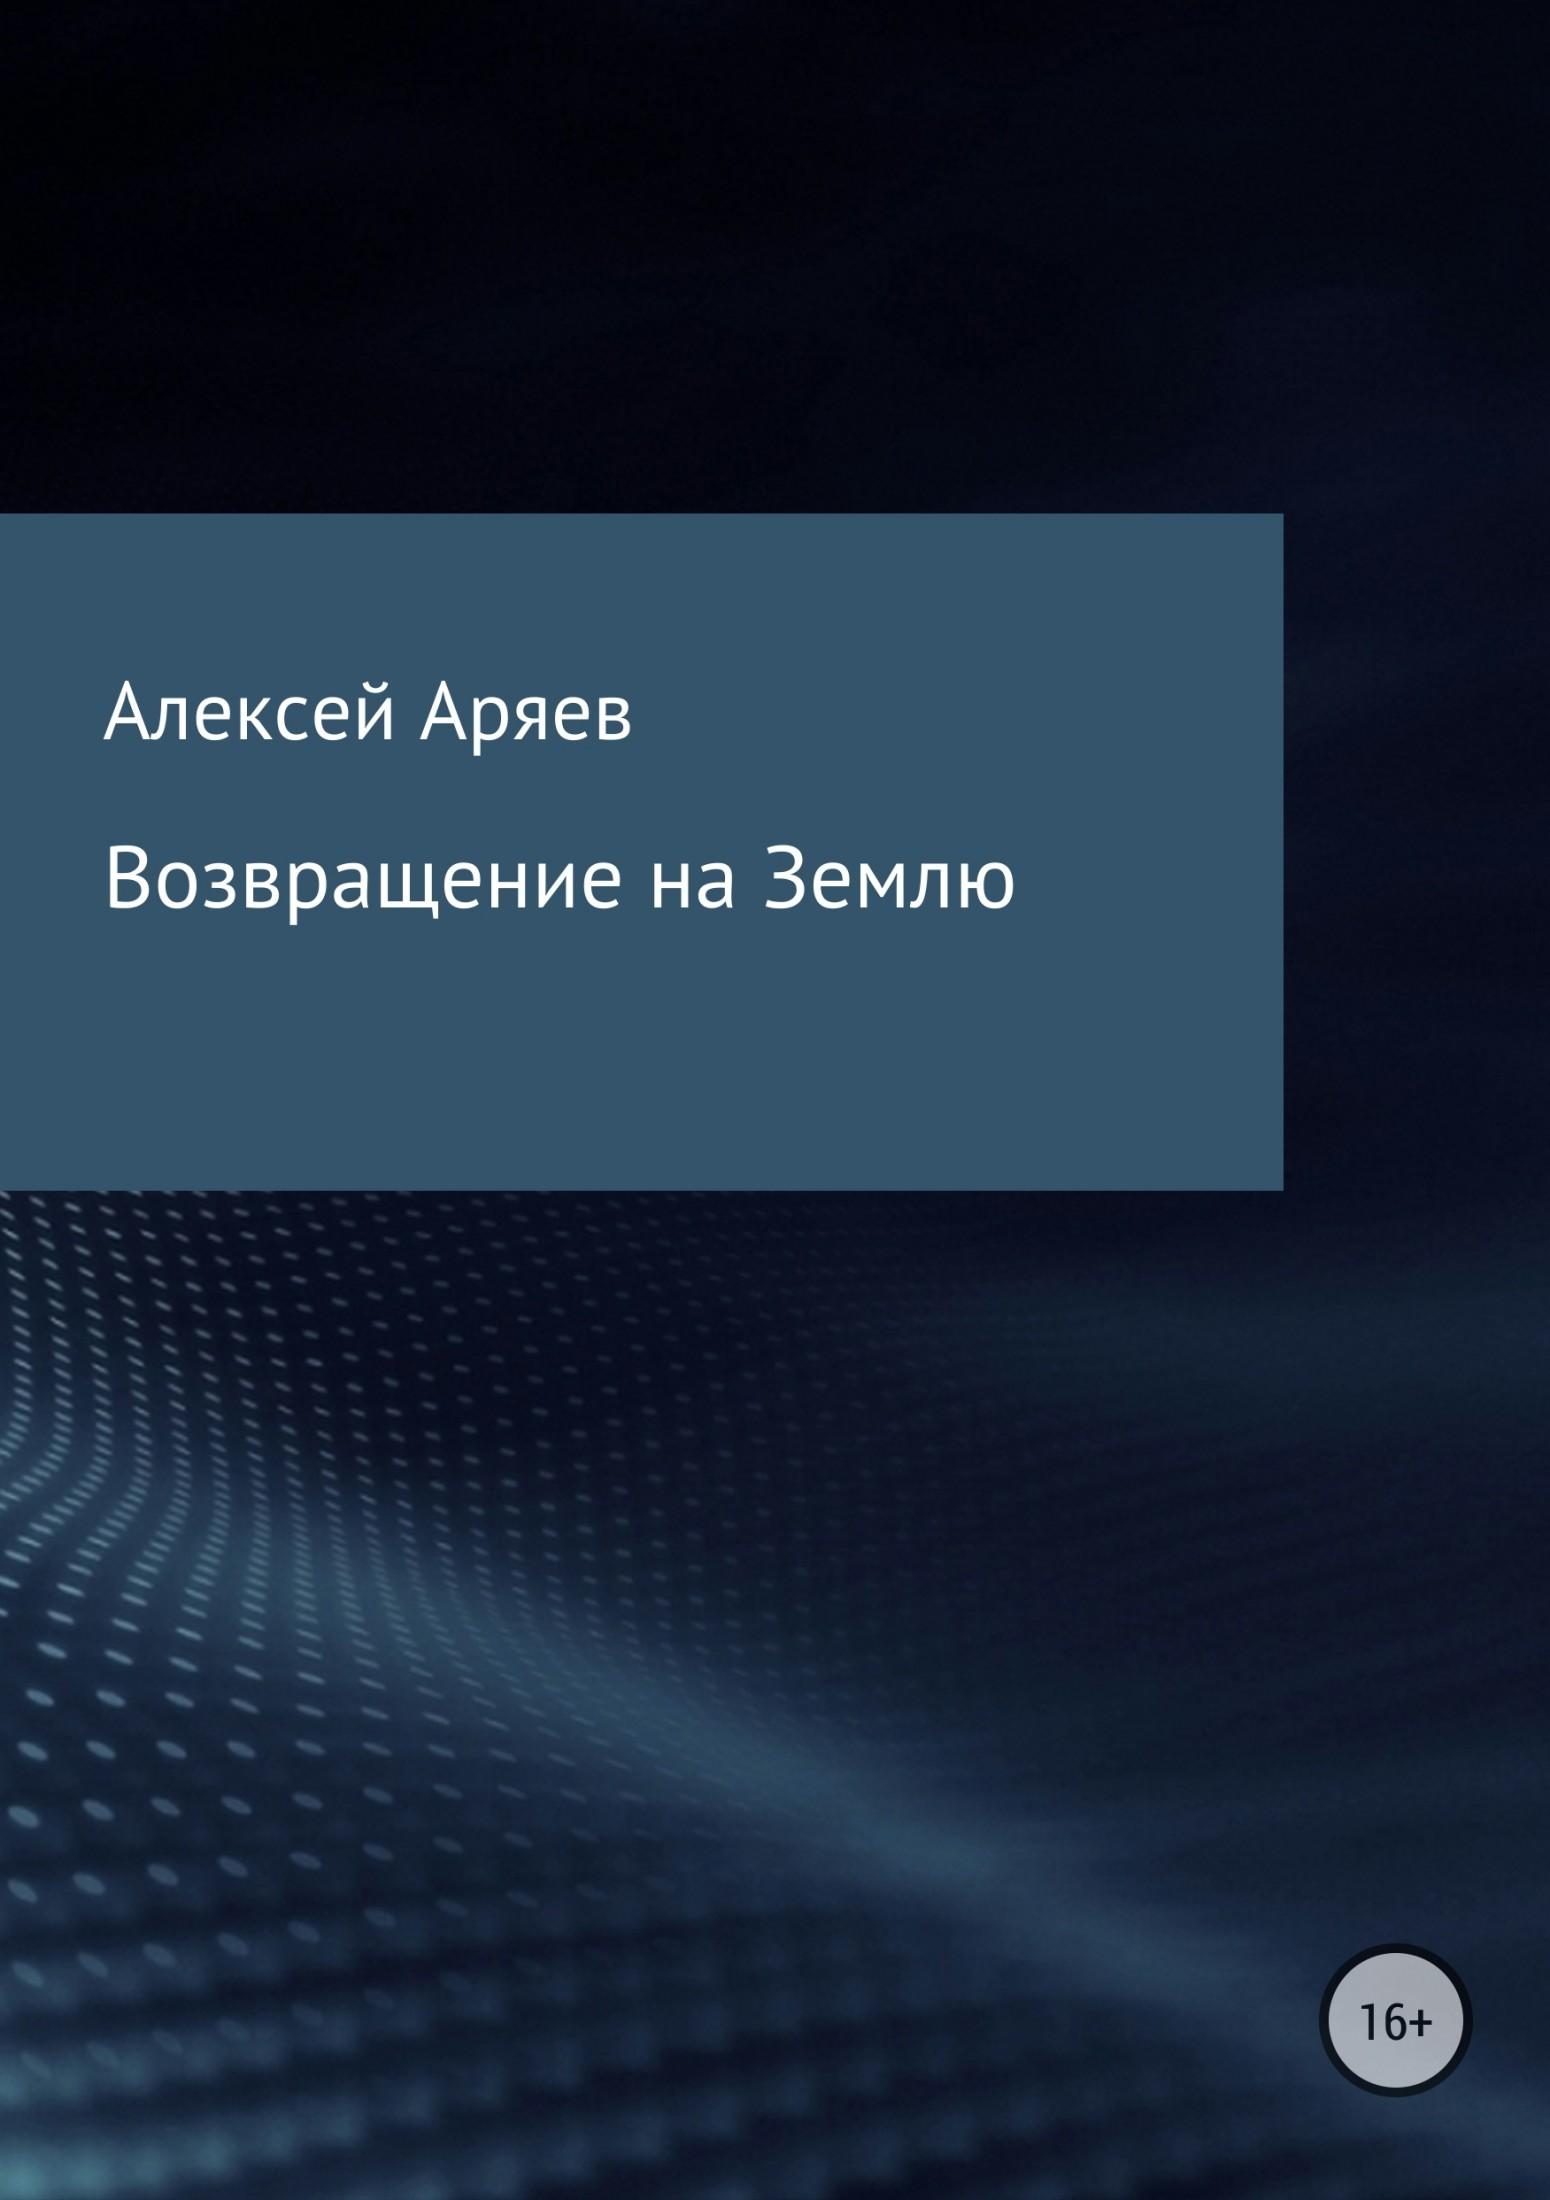 Алексей Аряев - Возвращение на Землю